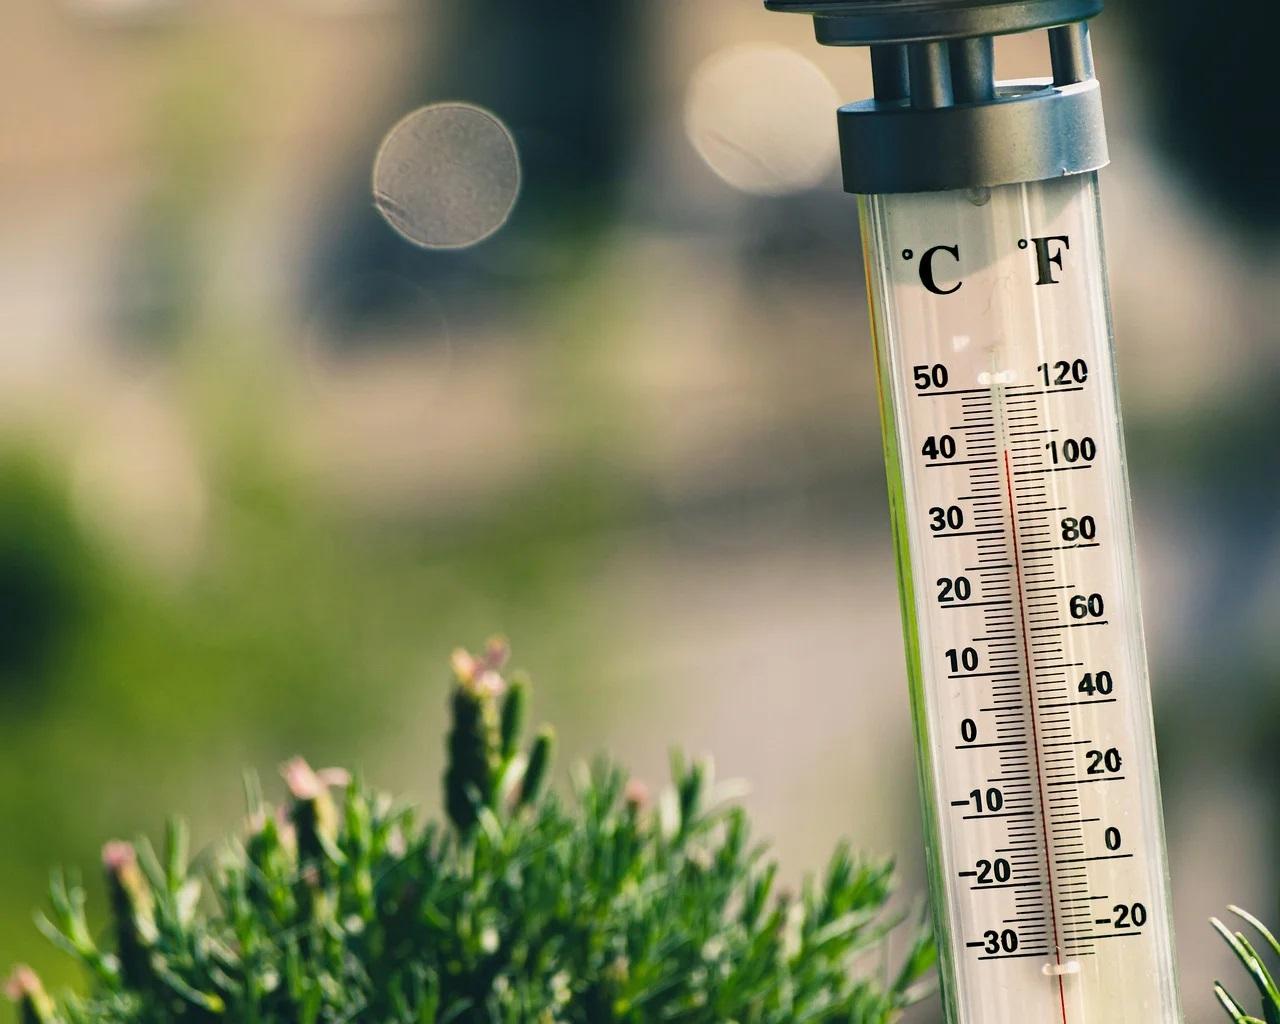 Több mint egy fokkal melegebb volt az idei nyár az átlagnál